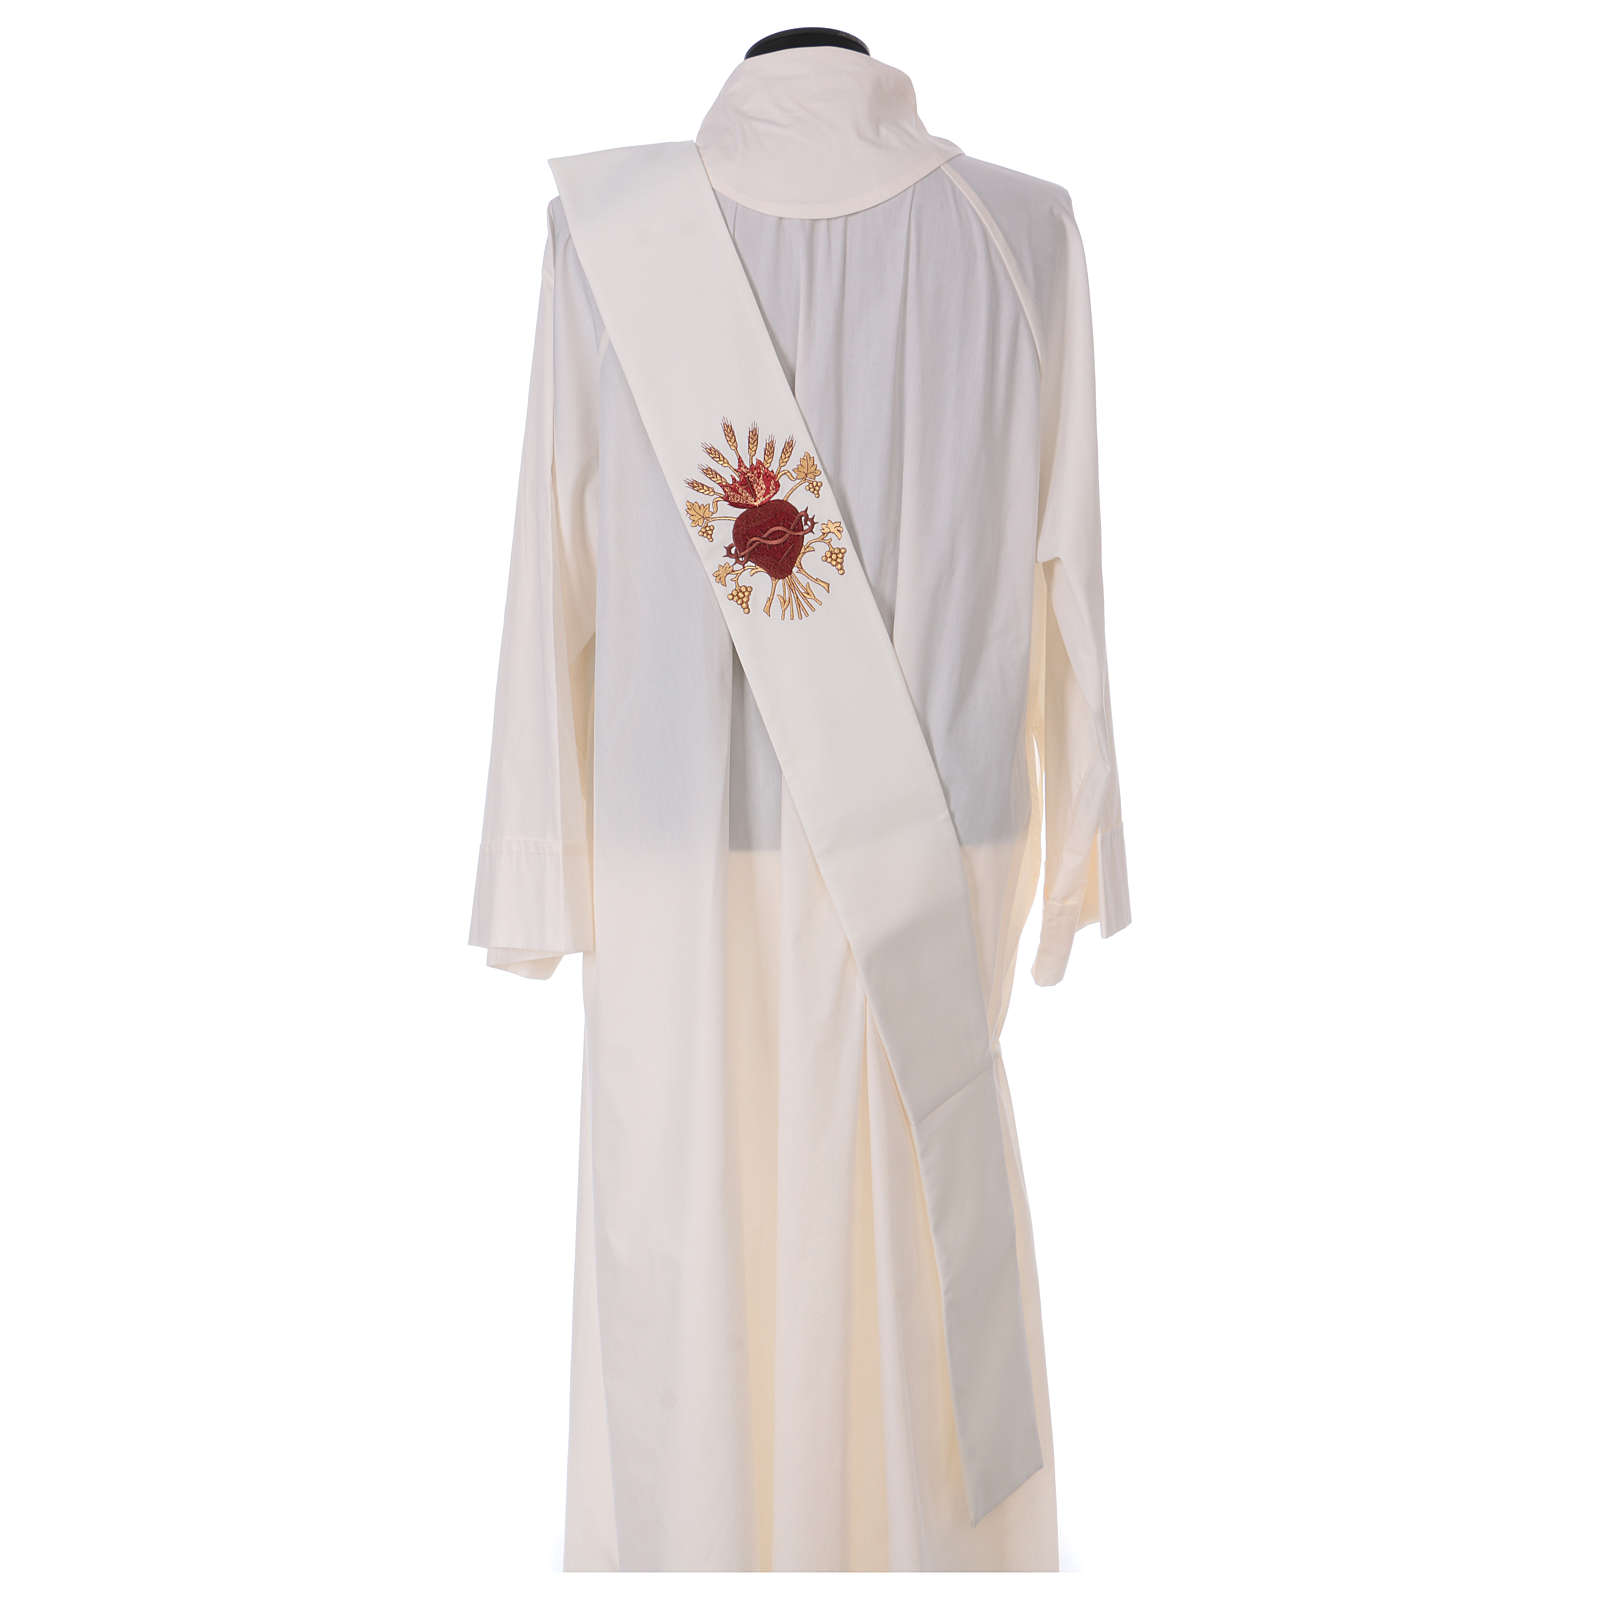 Étole diaconale laine polyester ivoire sacré-coeur avec épis et grappes 4